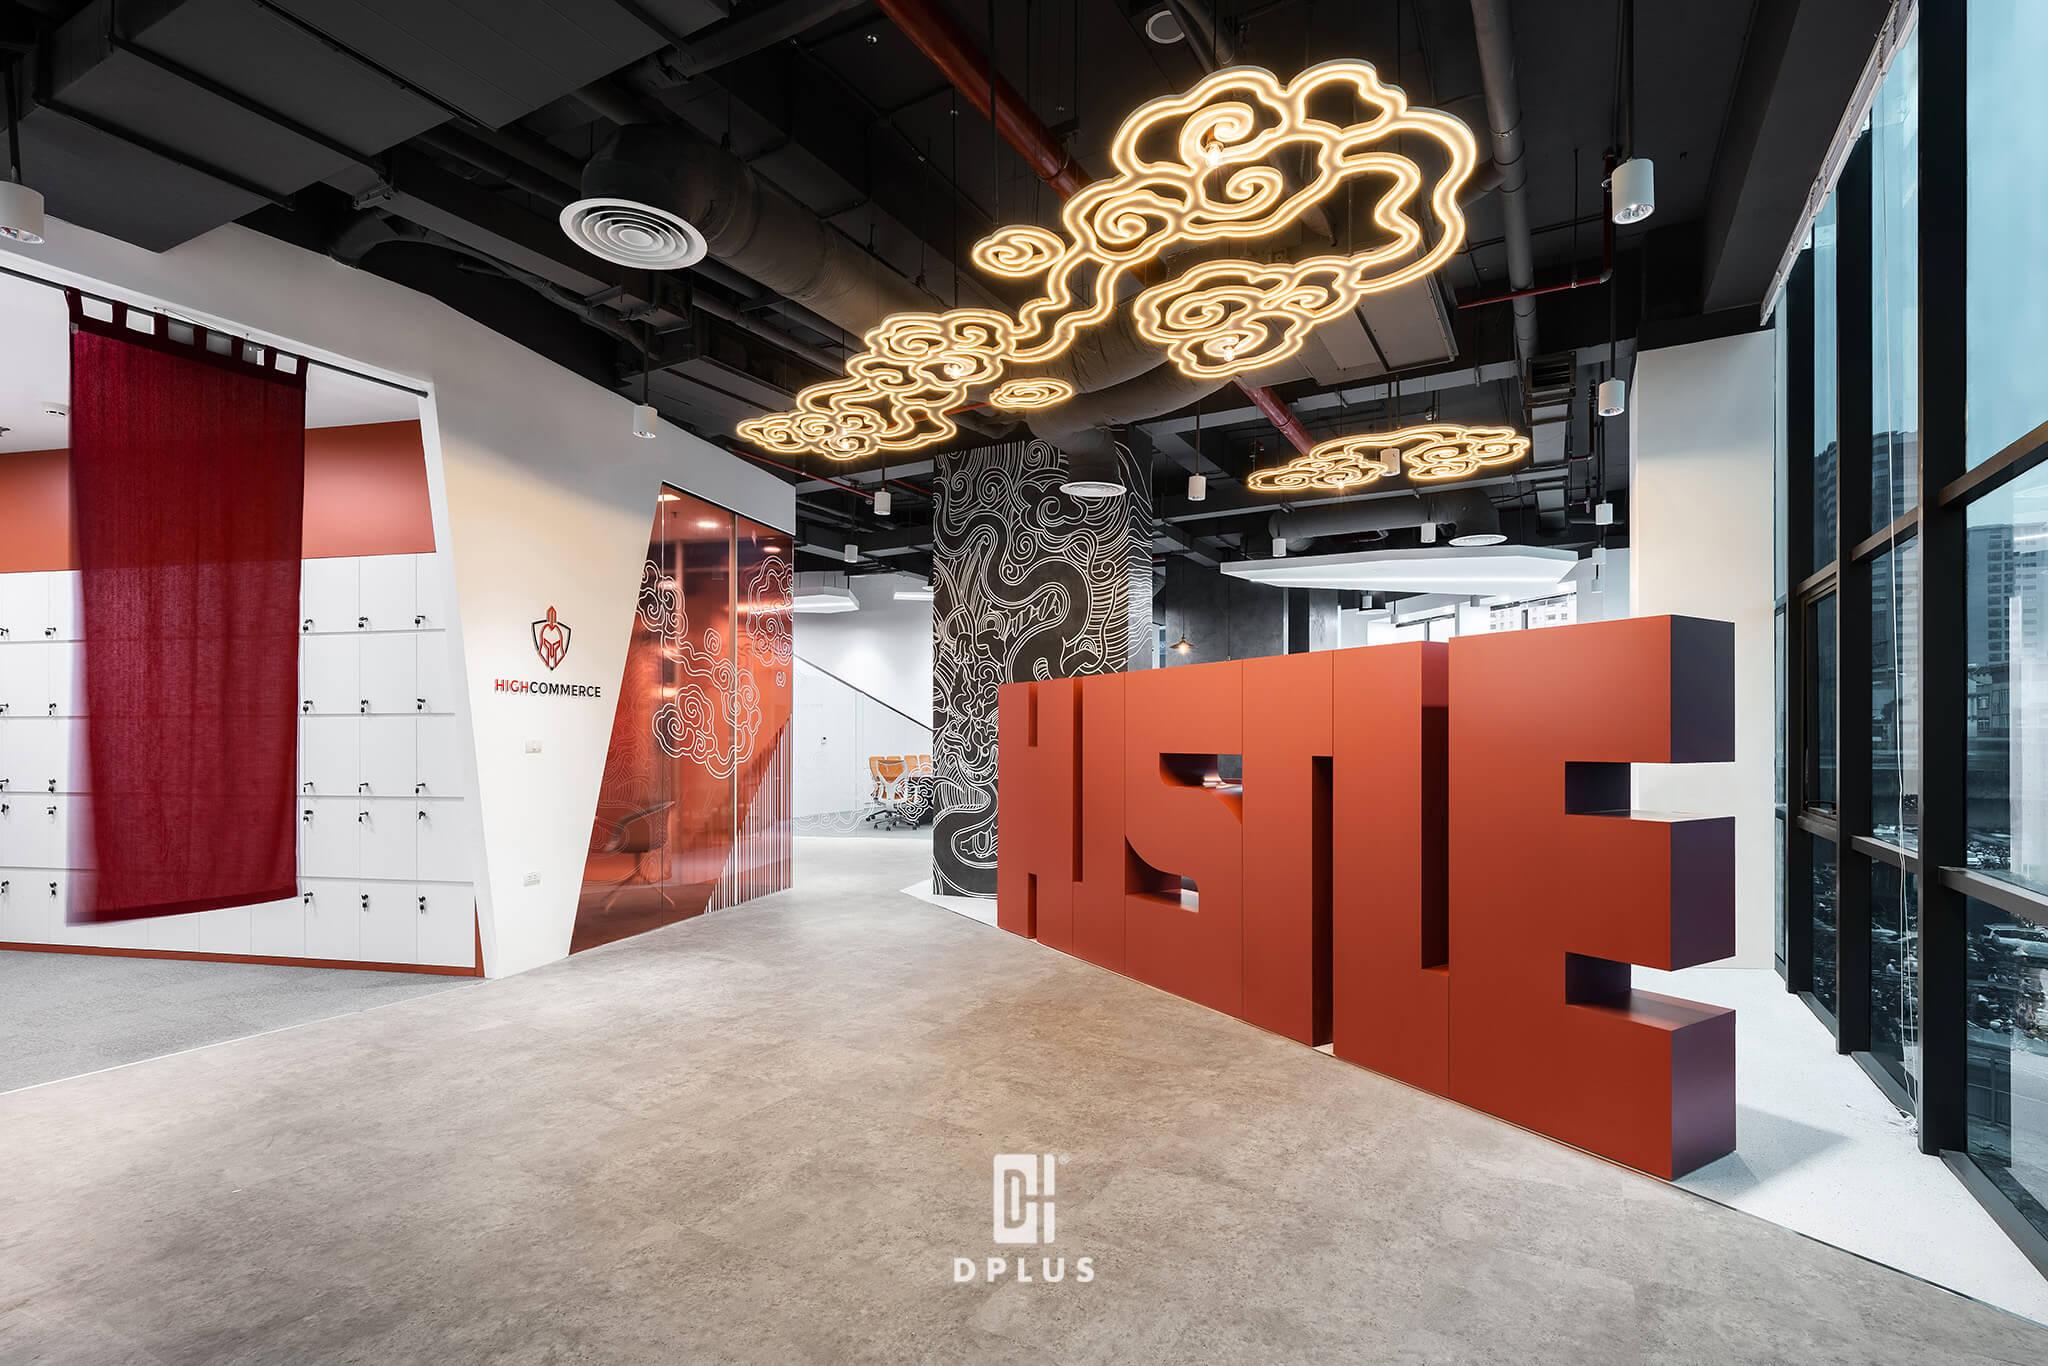 Một trong những văn hoá mà HighCommerce hướng đến là văn hoá Hustle - cũng chính là nguồn cảm hứng khi thiết kế sảnh văn phòng.